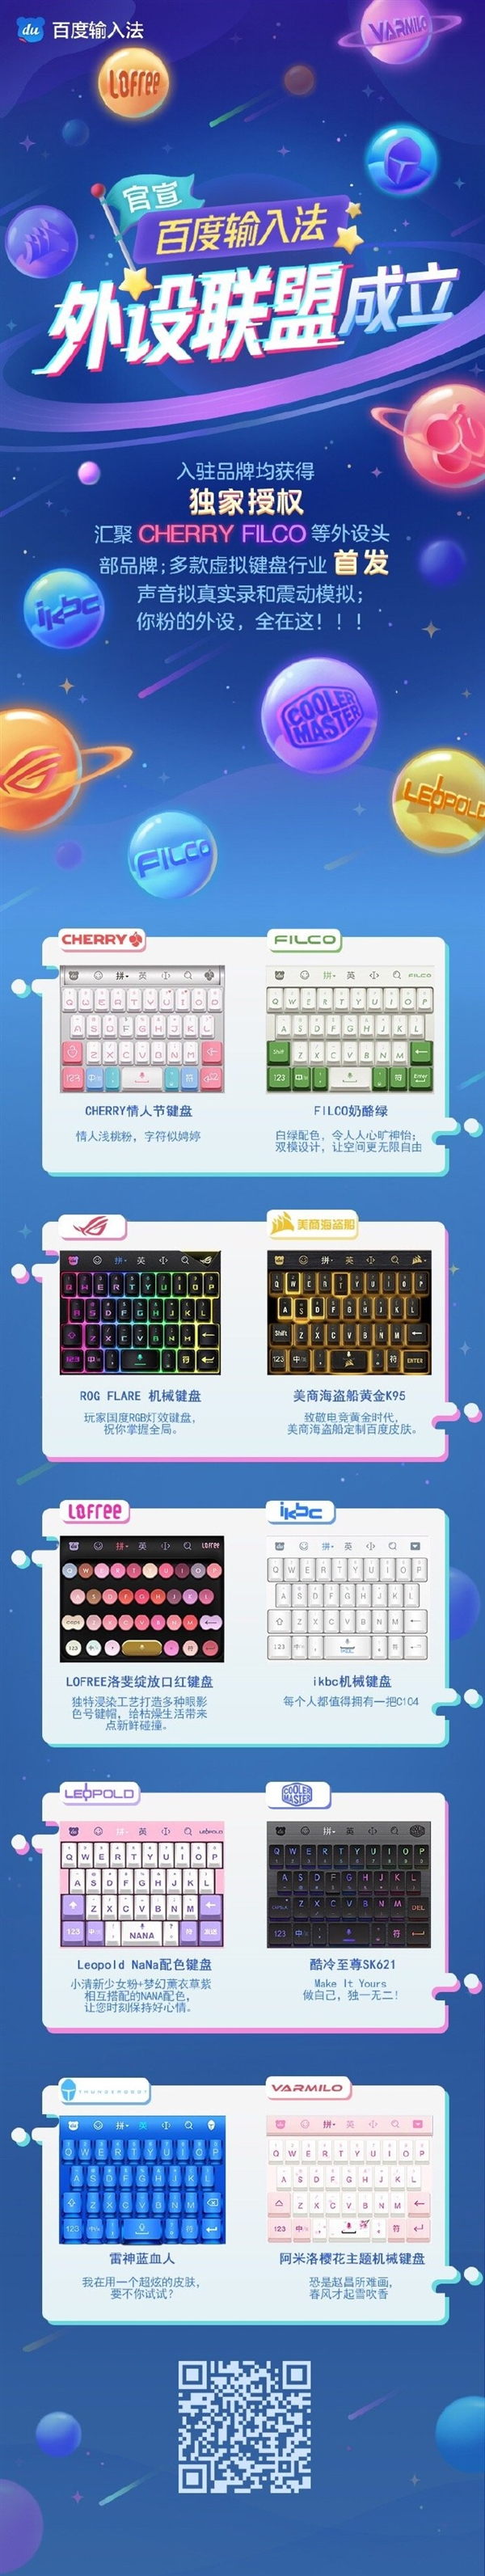 百度输入法推出10款手机版机械键盘皮肤